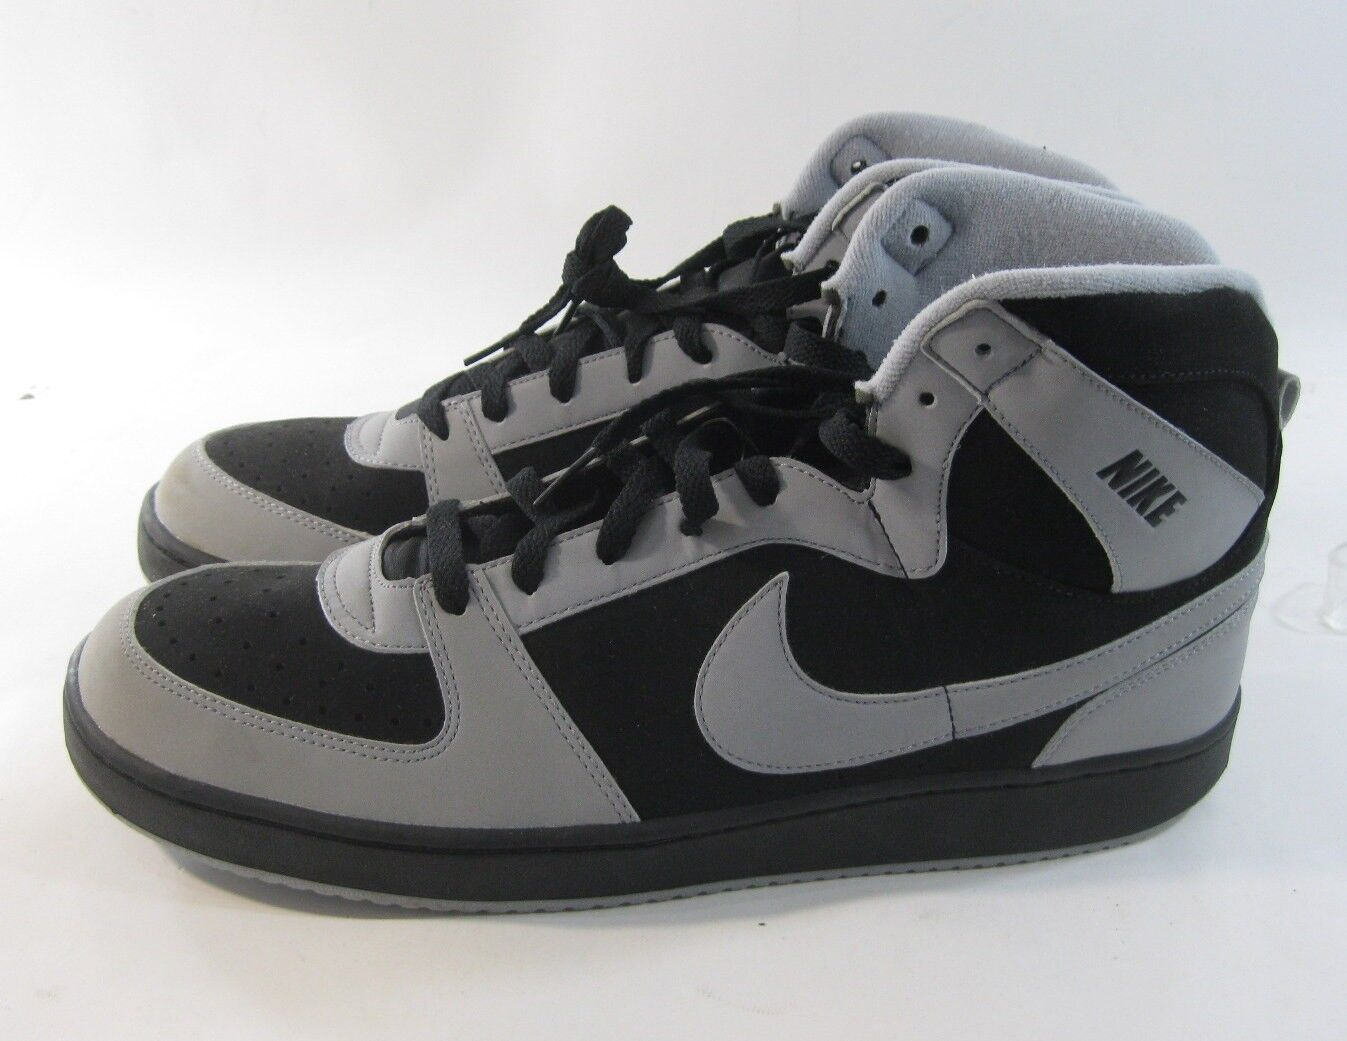 Nike convenzione grau alto 414940 002 schwarz / grau convenzione gray numero 13 03d682